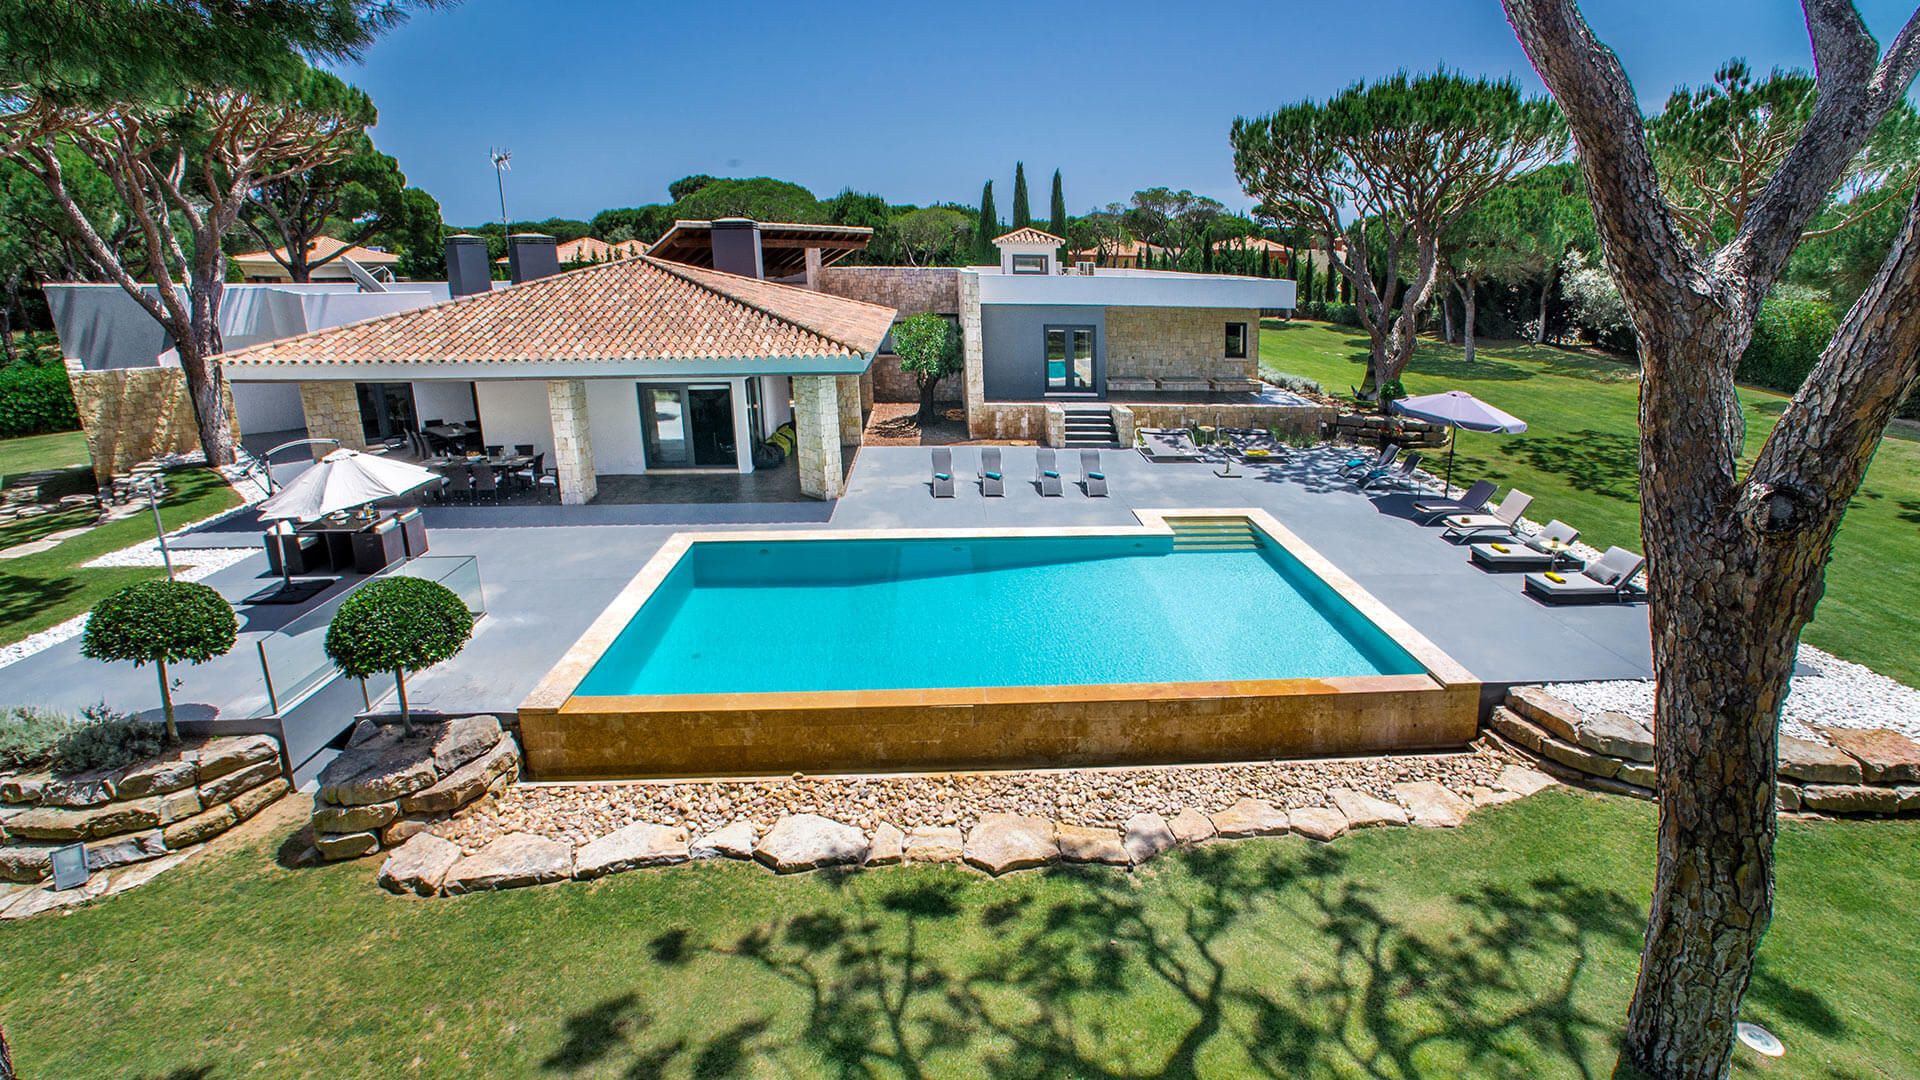 Villa aveleira alquiler de casa en algarve vilamoura villanovo - Alquiler de casas en portugal ...